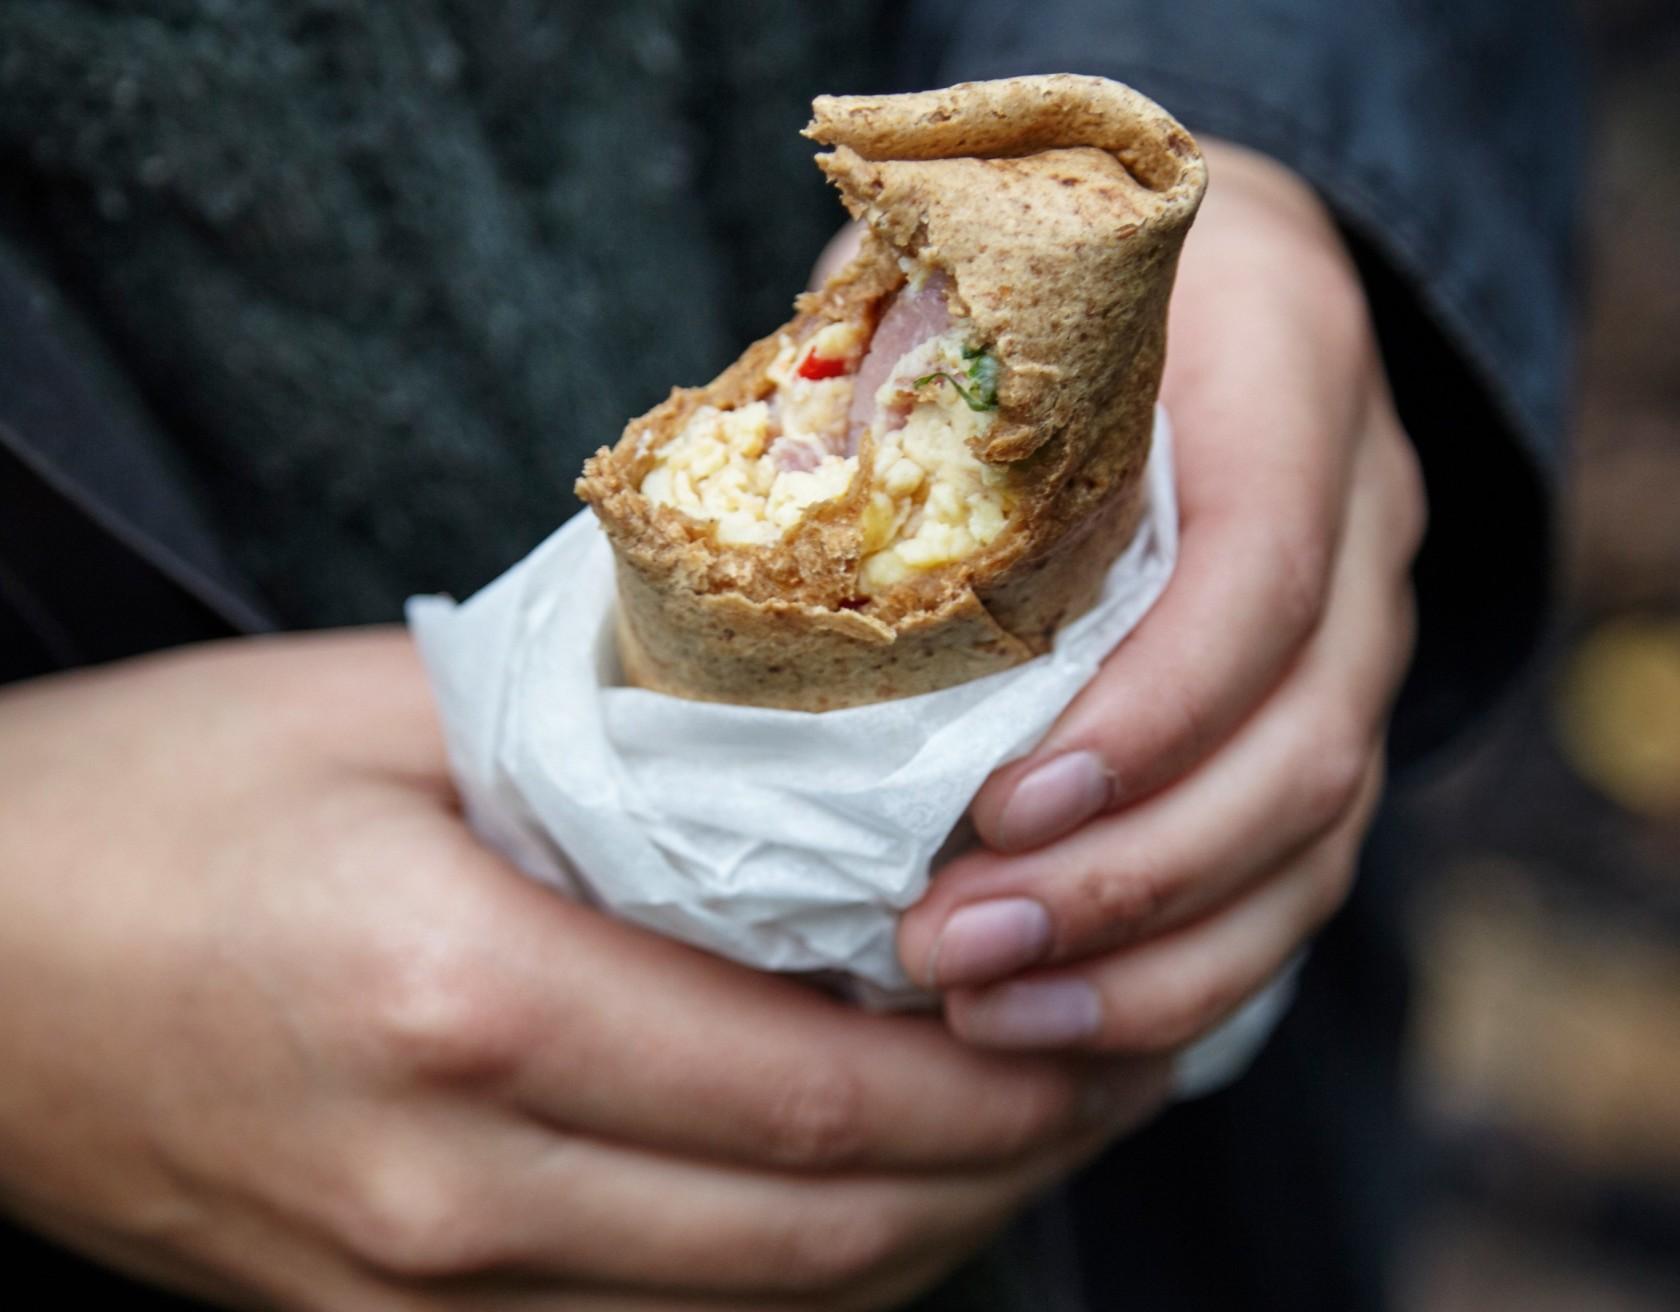 Burrito med æg og skinke - perfekt to-go morgenmad!